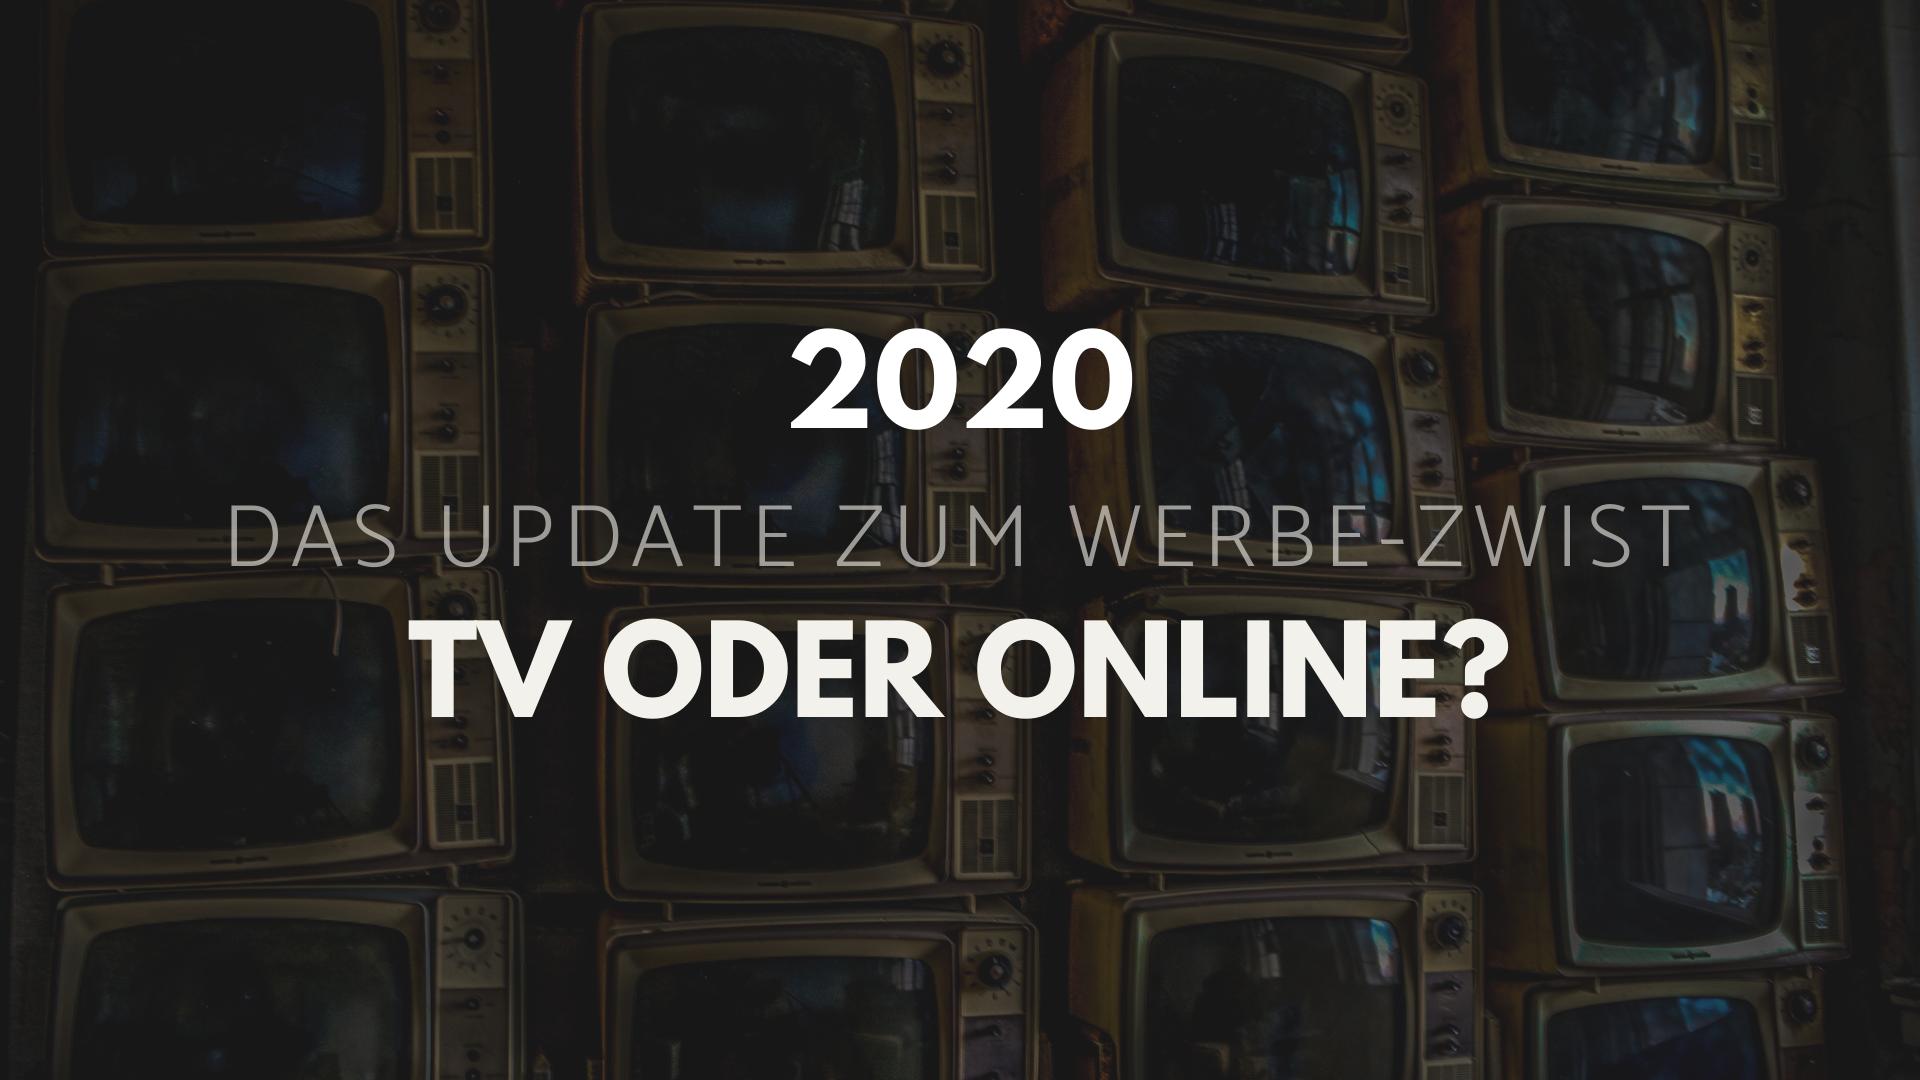 Werbung 2020: TV oder Online?